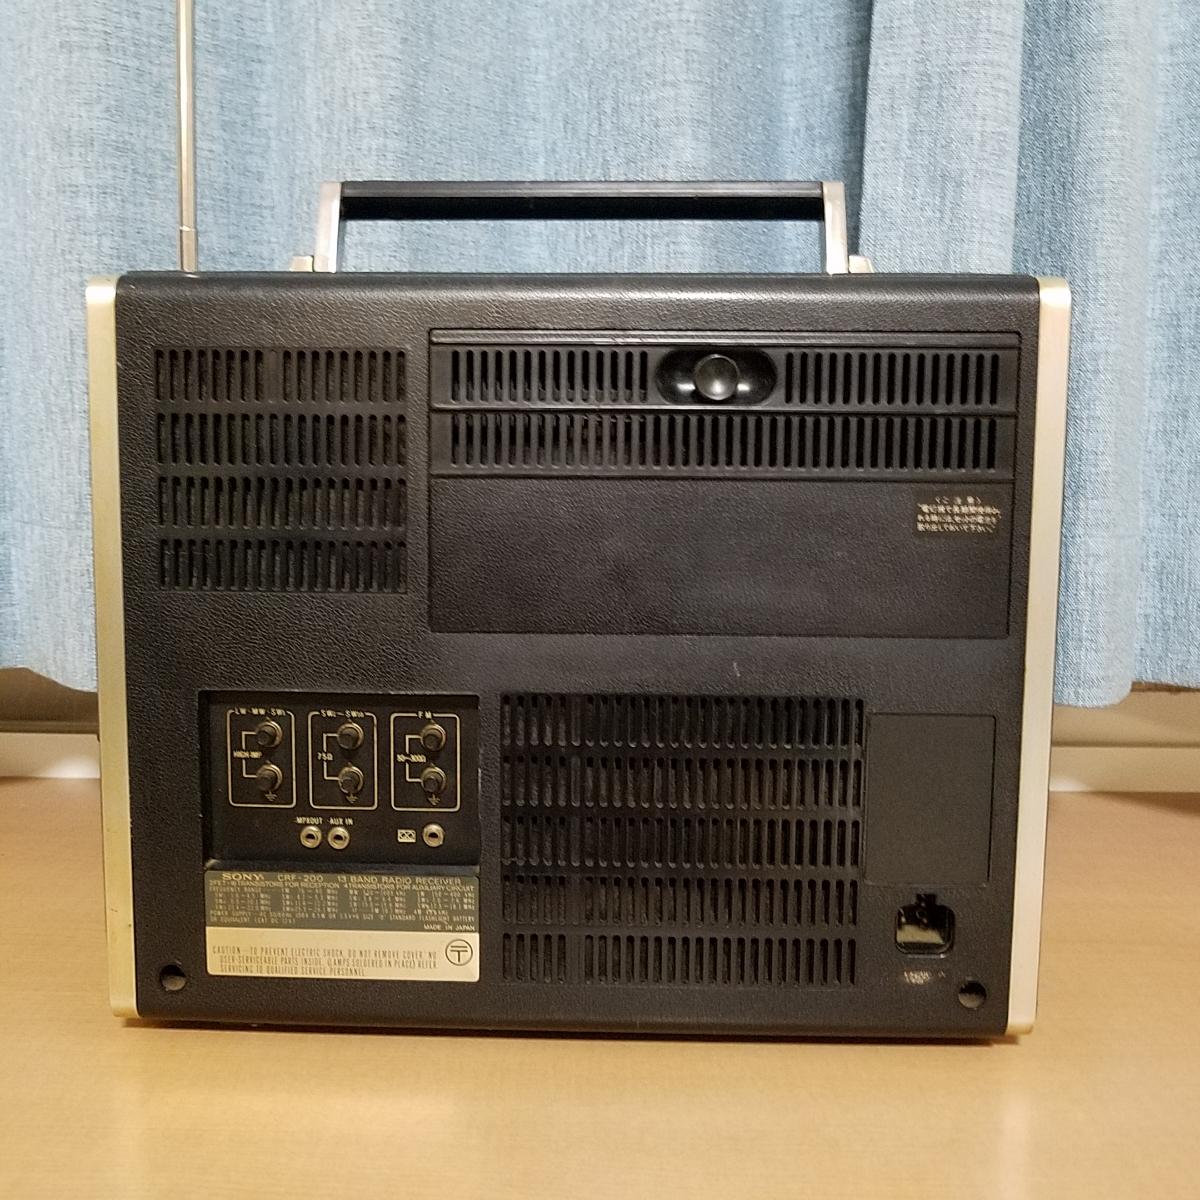 希少 SONY CRF-200 WORLDZONE13 ワールドゾーン 13 BAND RADIO アンティーク ラジオ 中古 簡易動作確認済_画像2